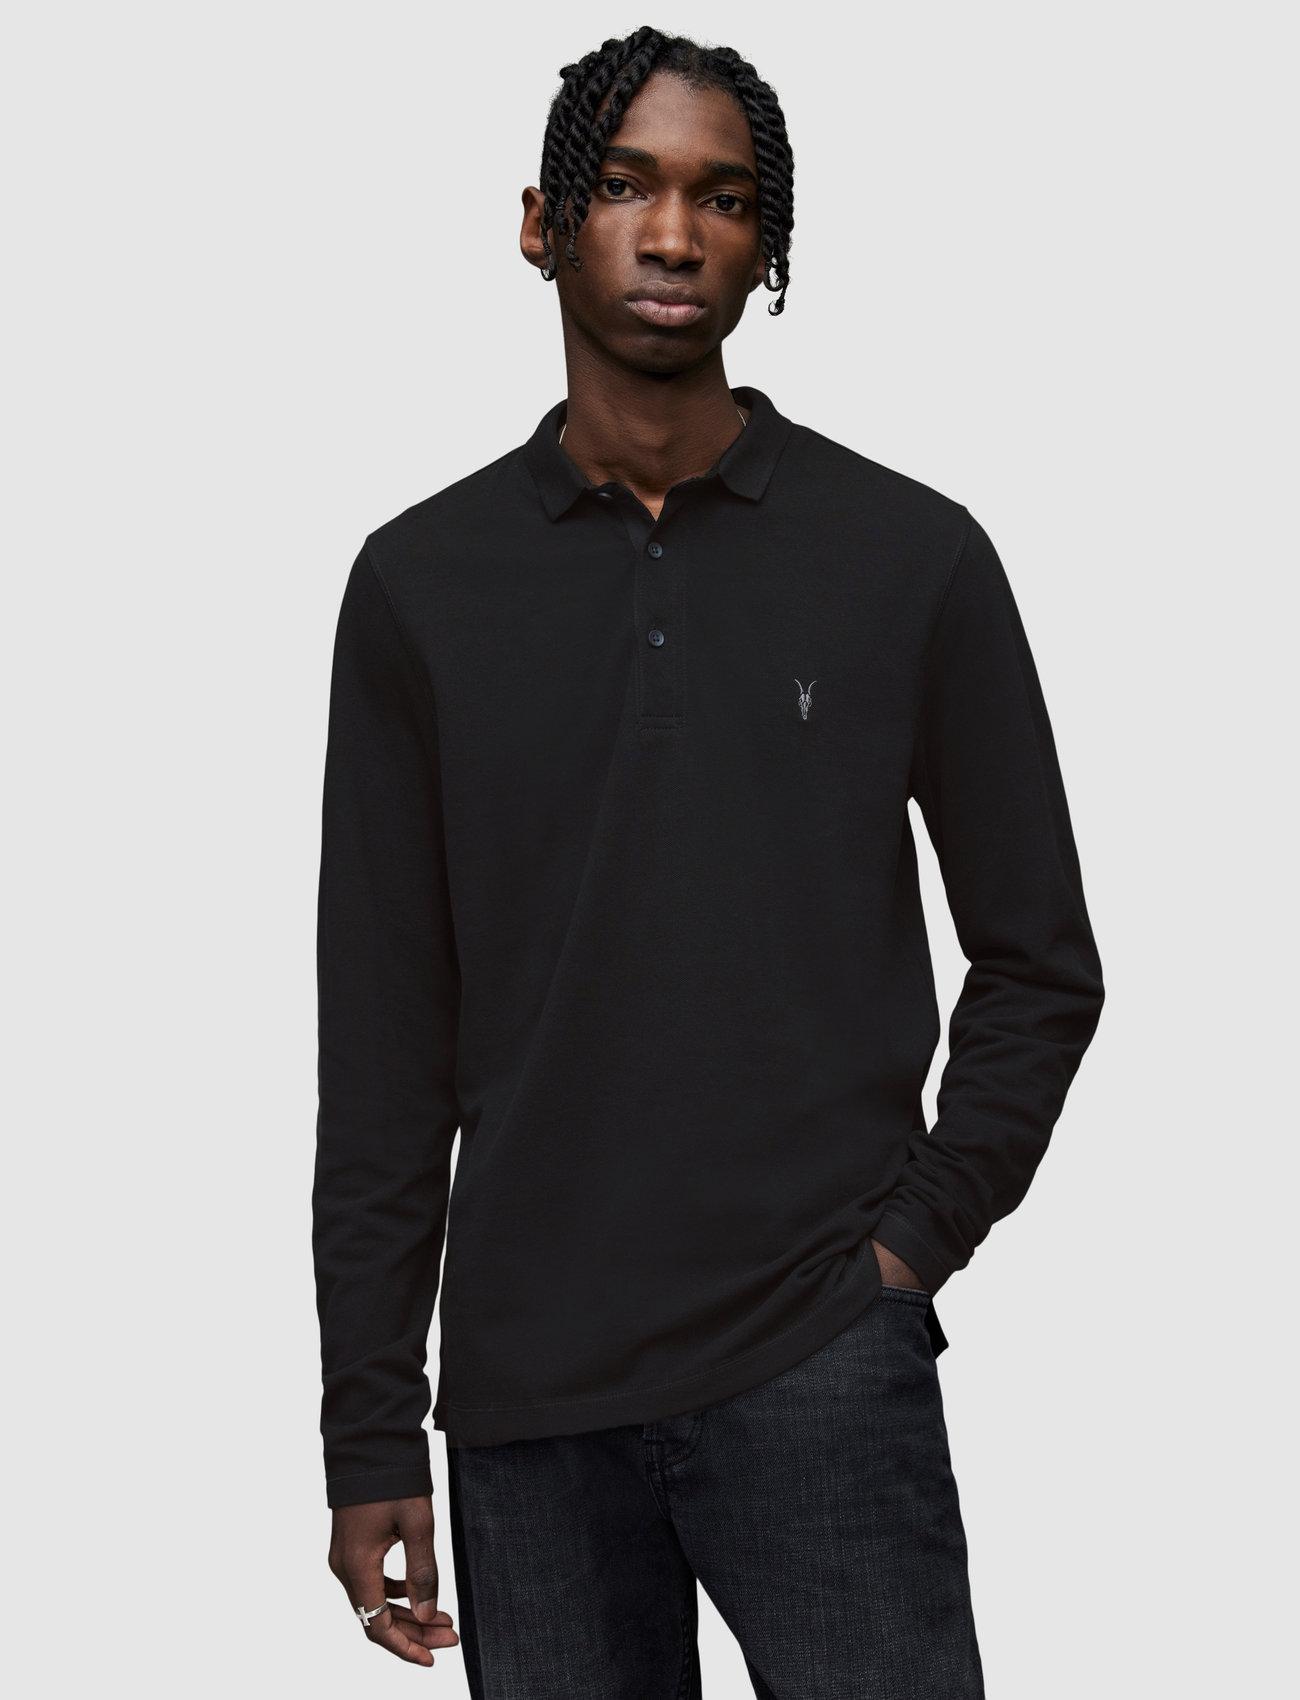 AllSaints REFORM LS POLO - T-skjorter BLACK - Menn Klær